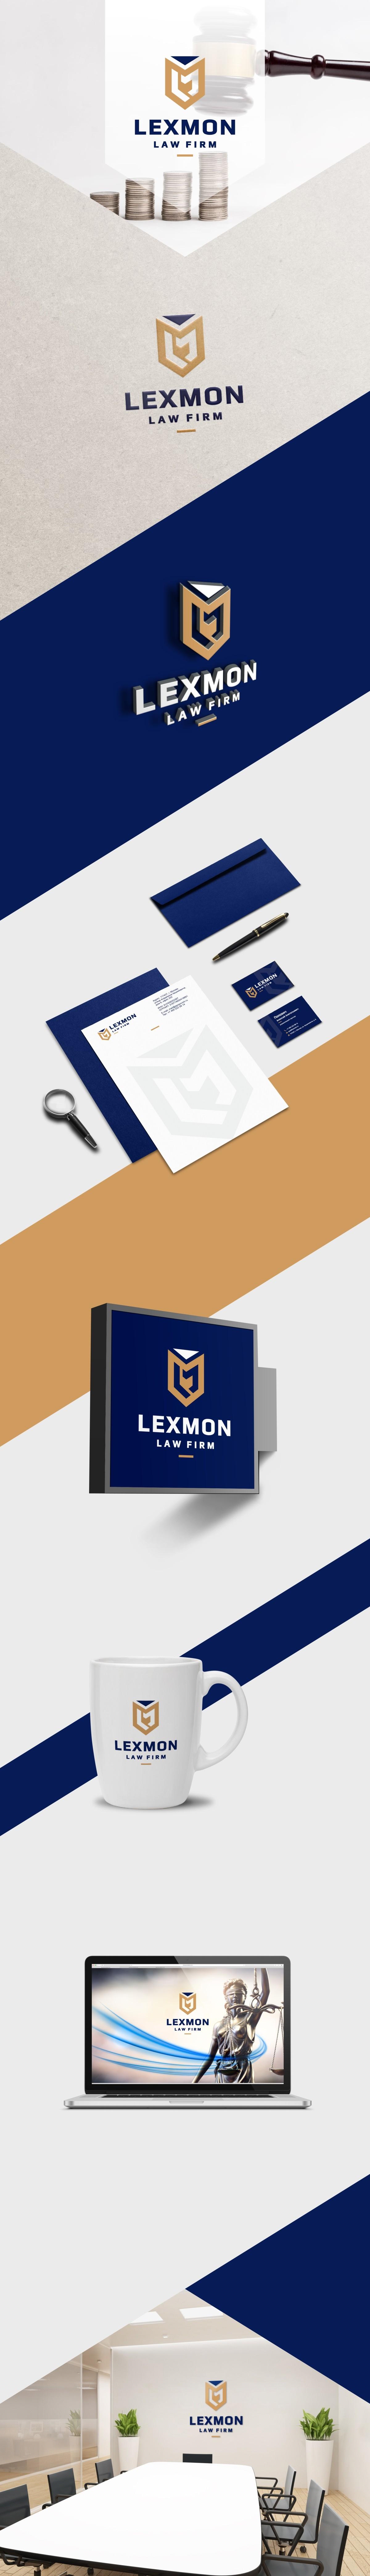 LEXMON